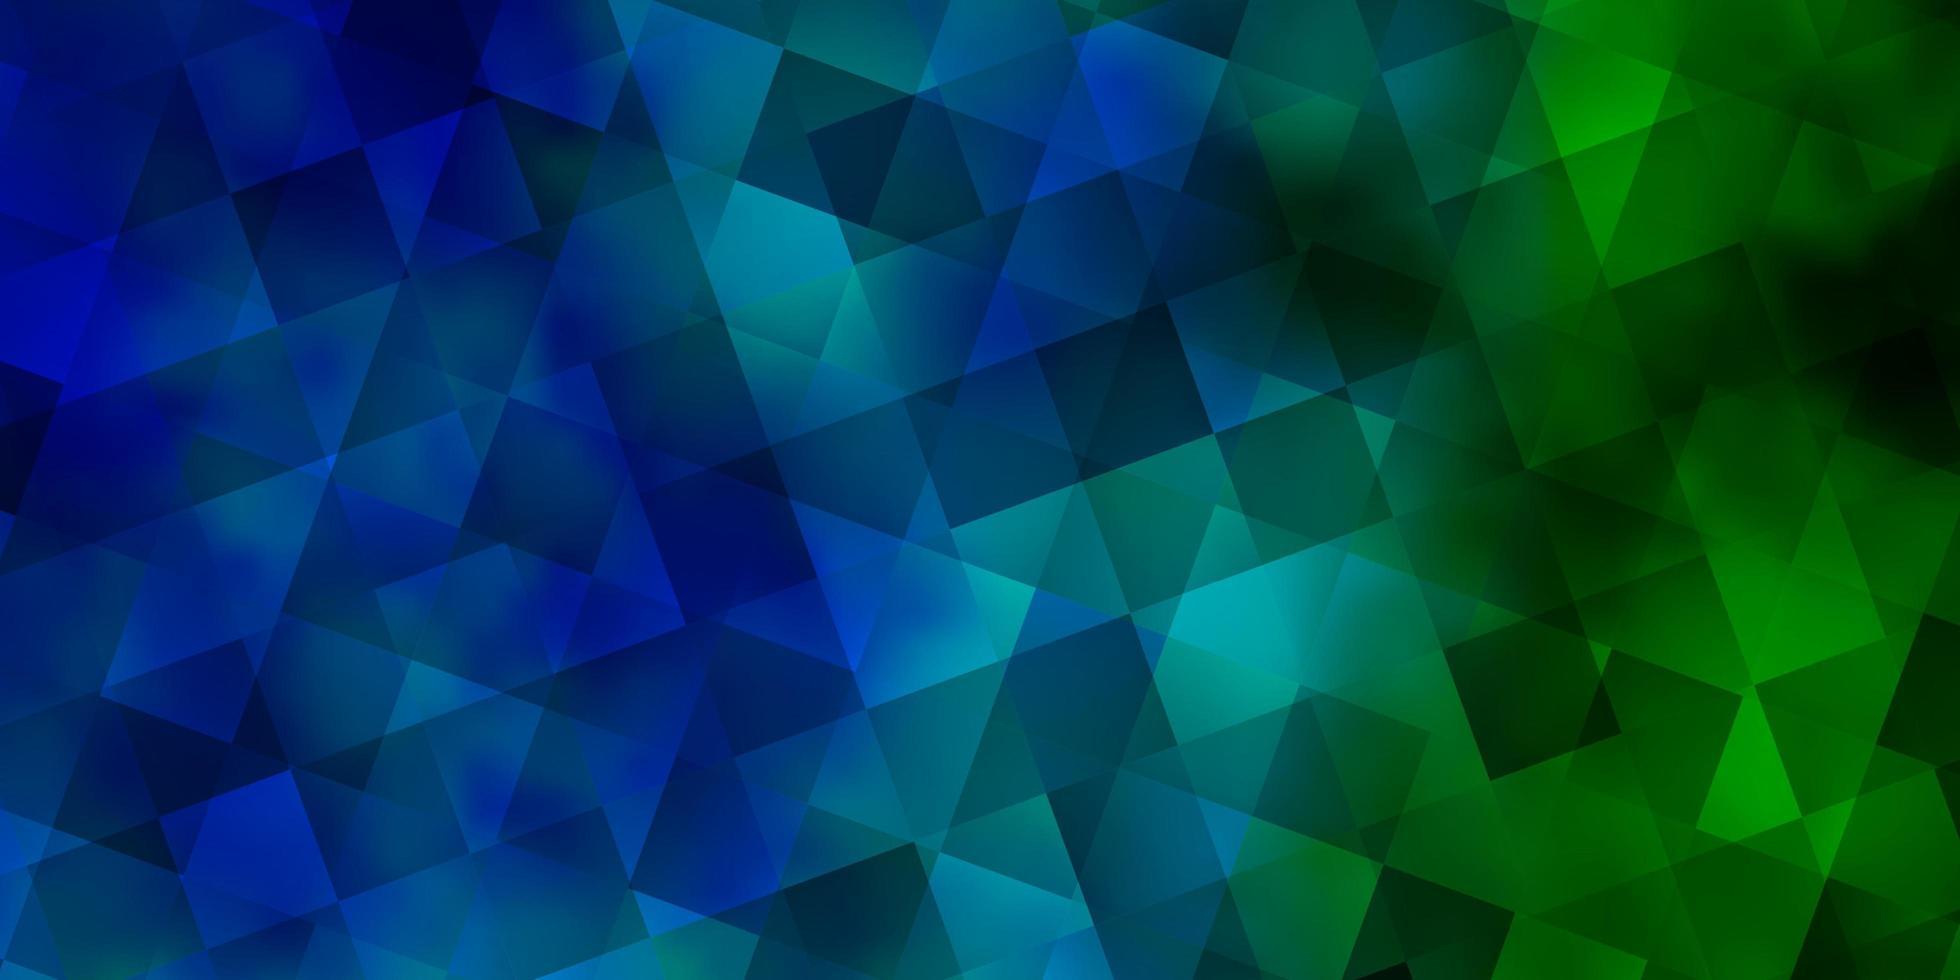 fundo vector azul, verde claro com triângulos, retângulos.